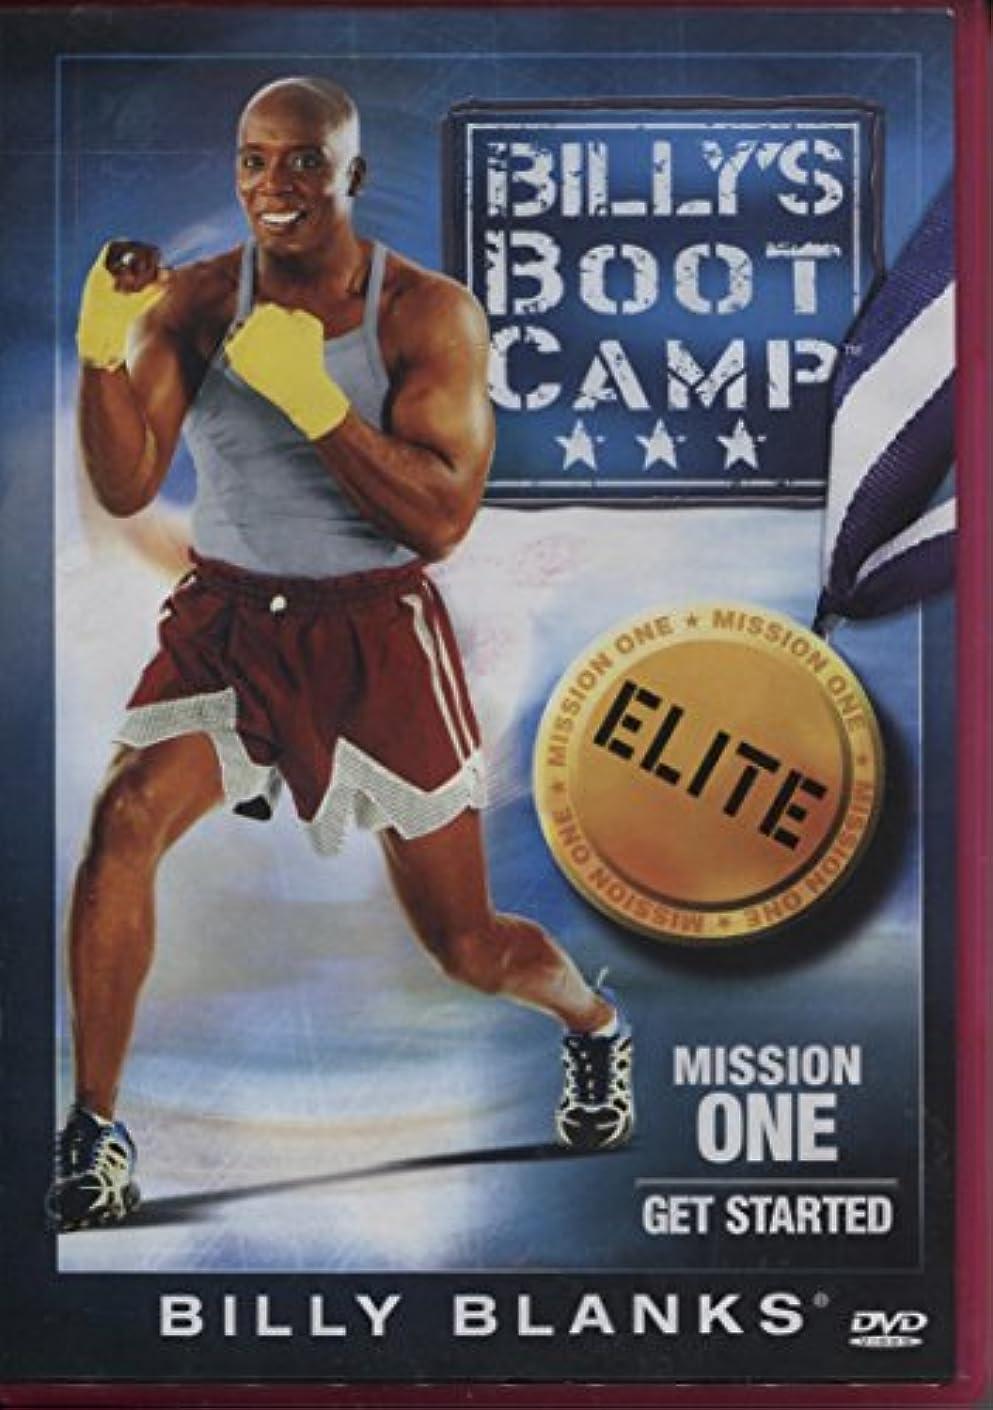 消費する早熟倉庫Bootcamp Elite Mission One: Get Started [DVD]